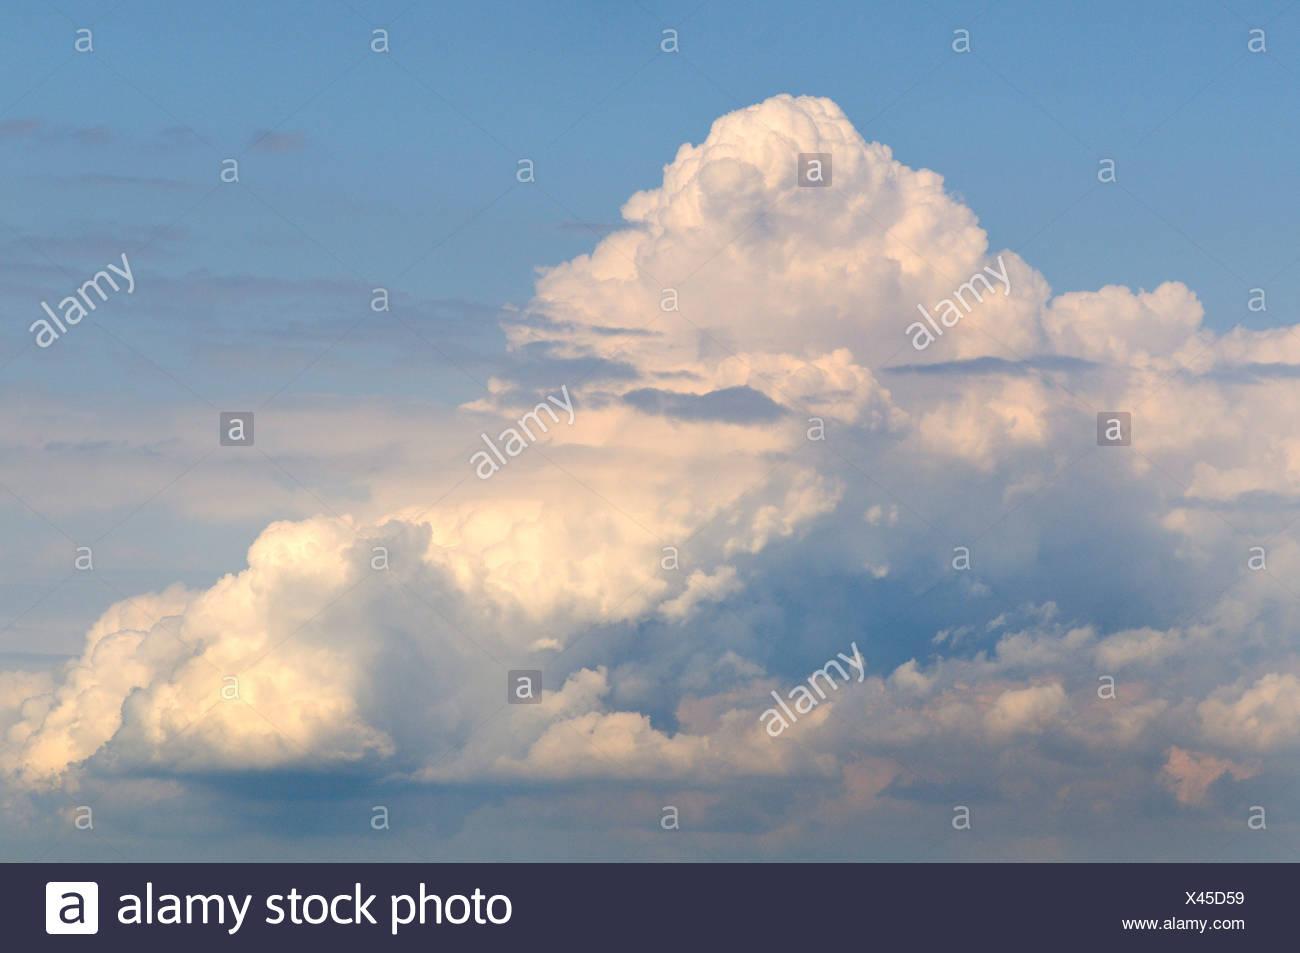 Towering cumulonimbus cloud - Stock Image